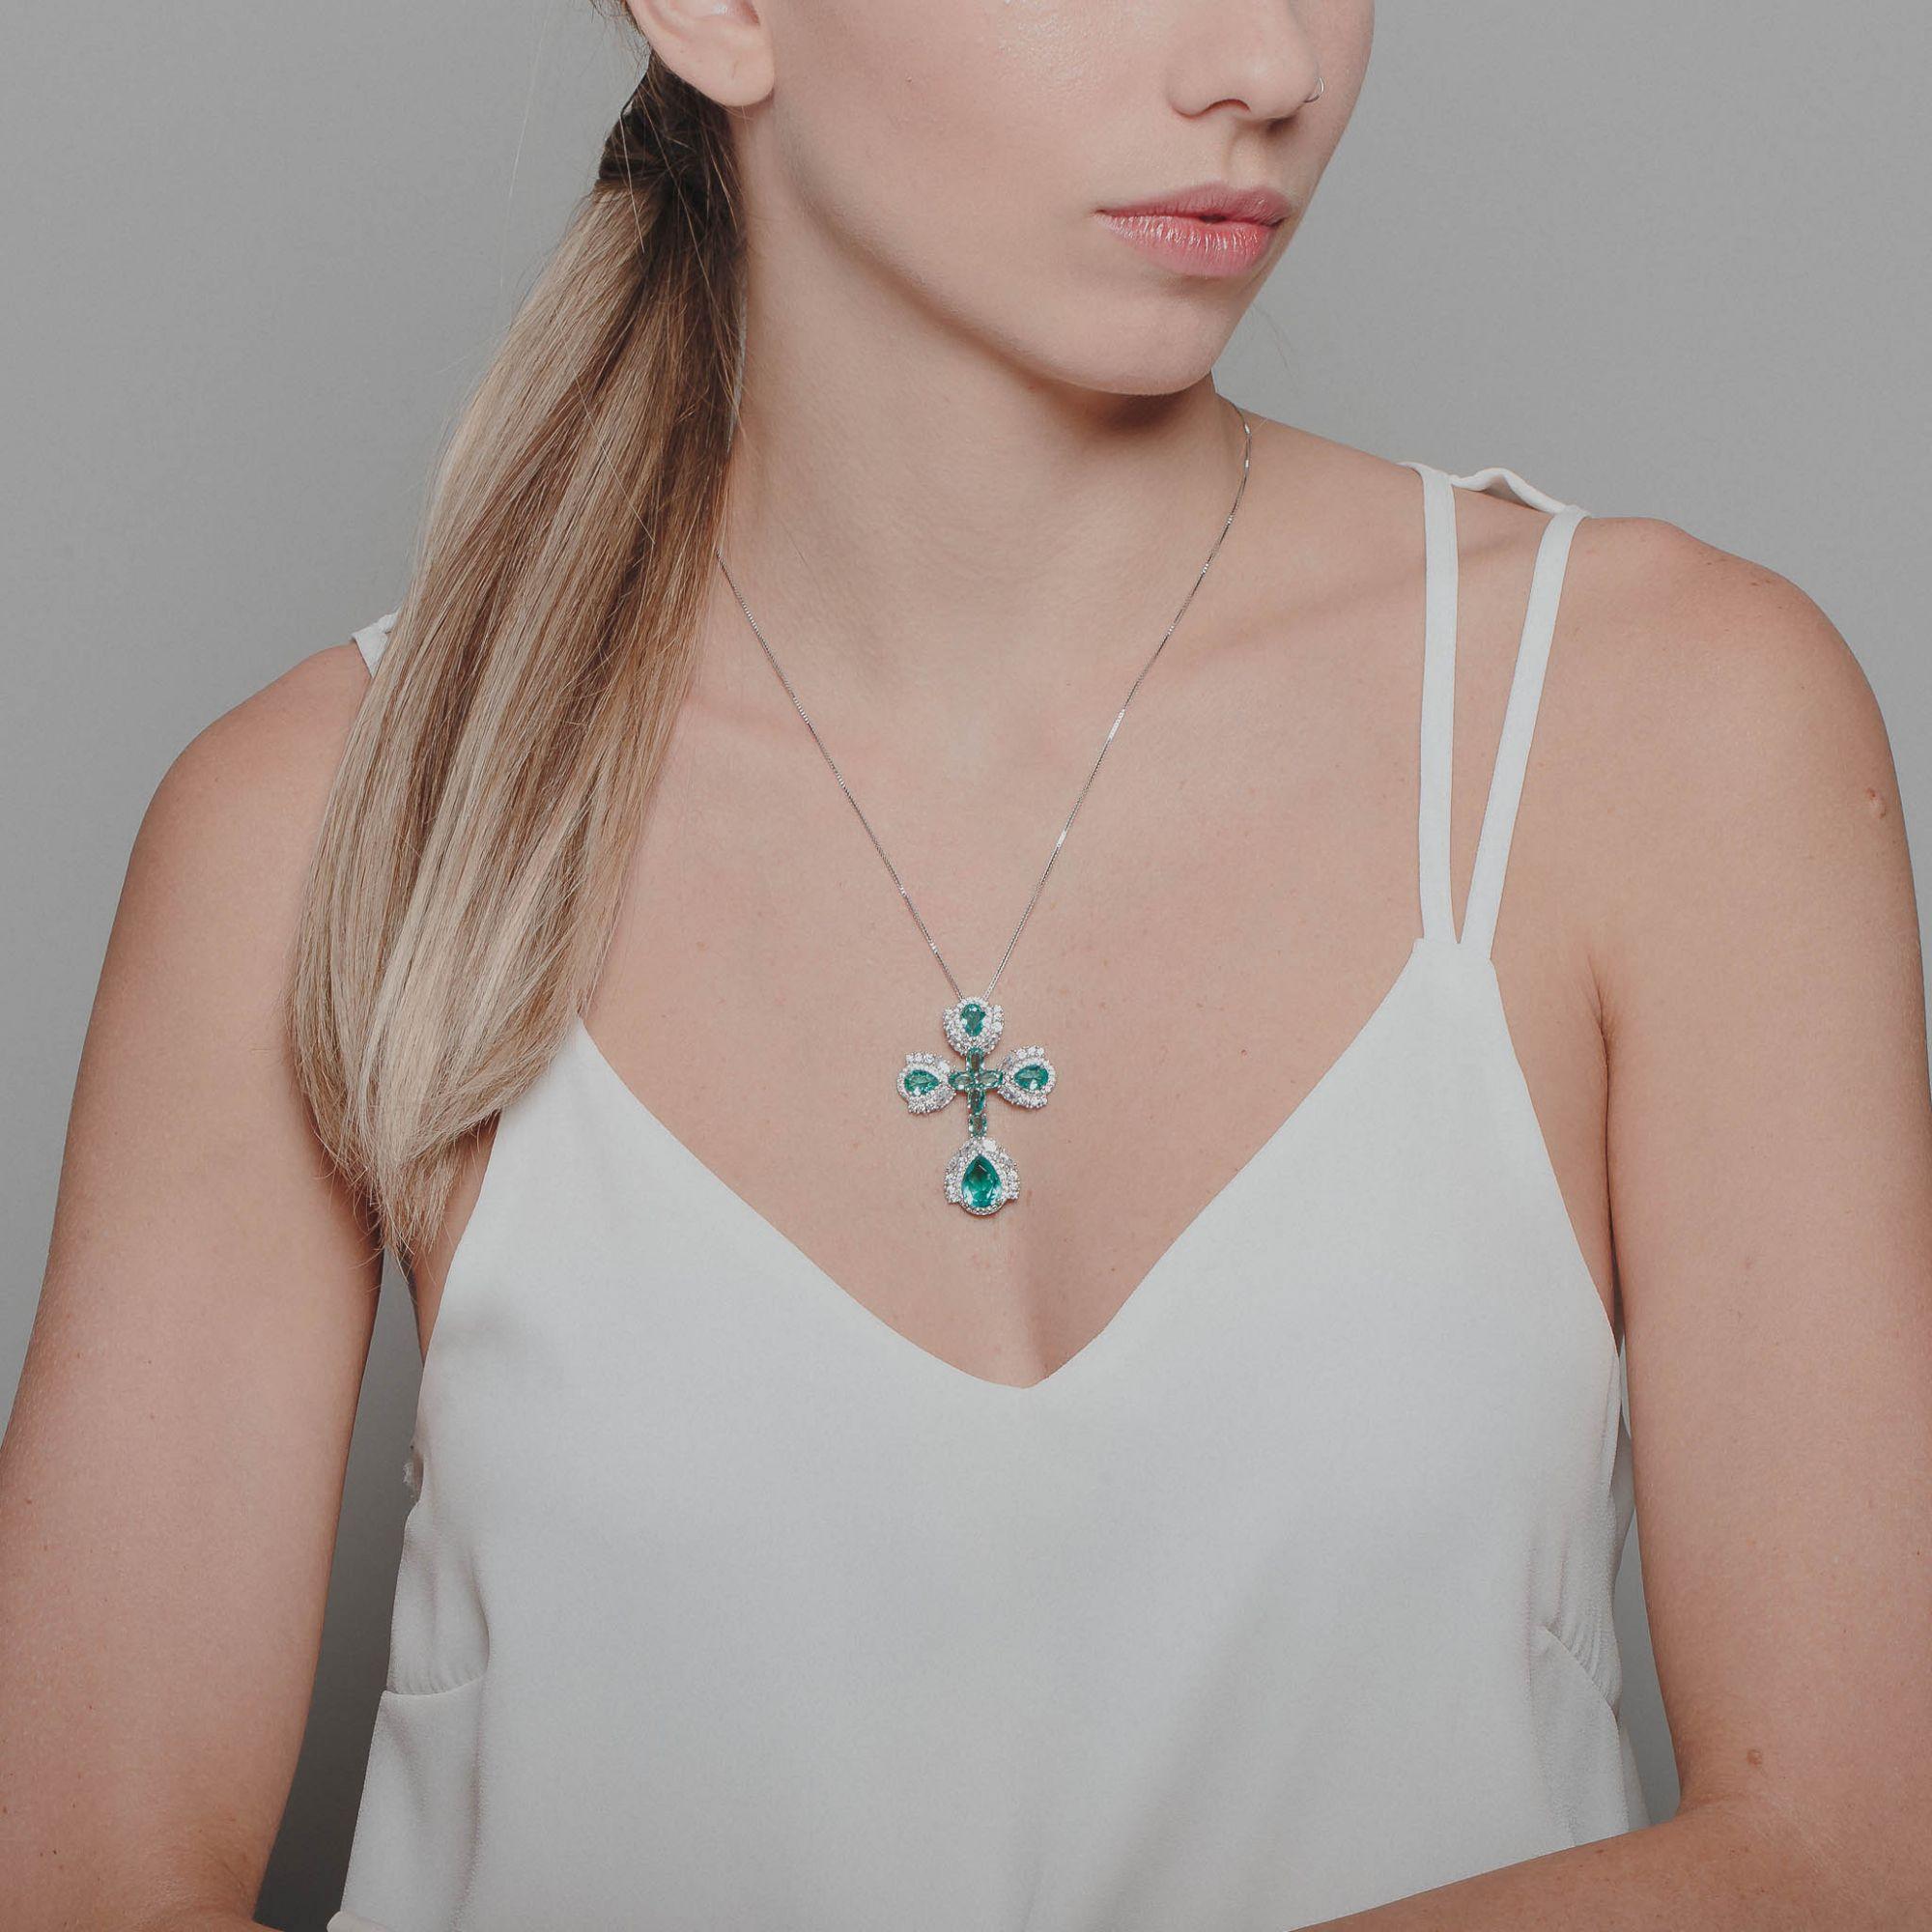 Colar crucifixo com zircônias cristais e turmalina banho de ródio branco.  - bfdecor.com.br